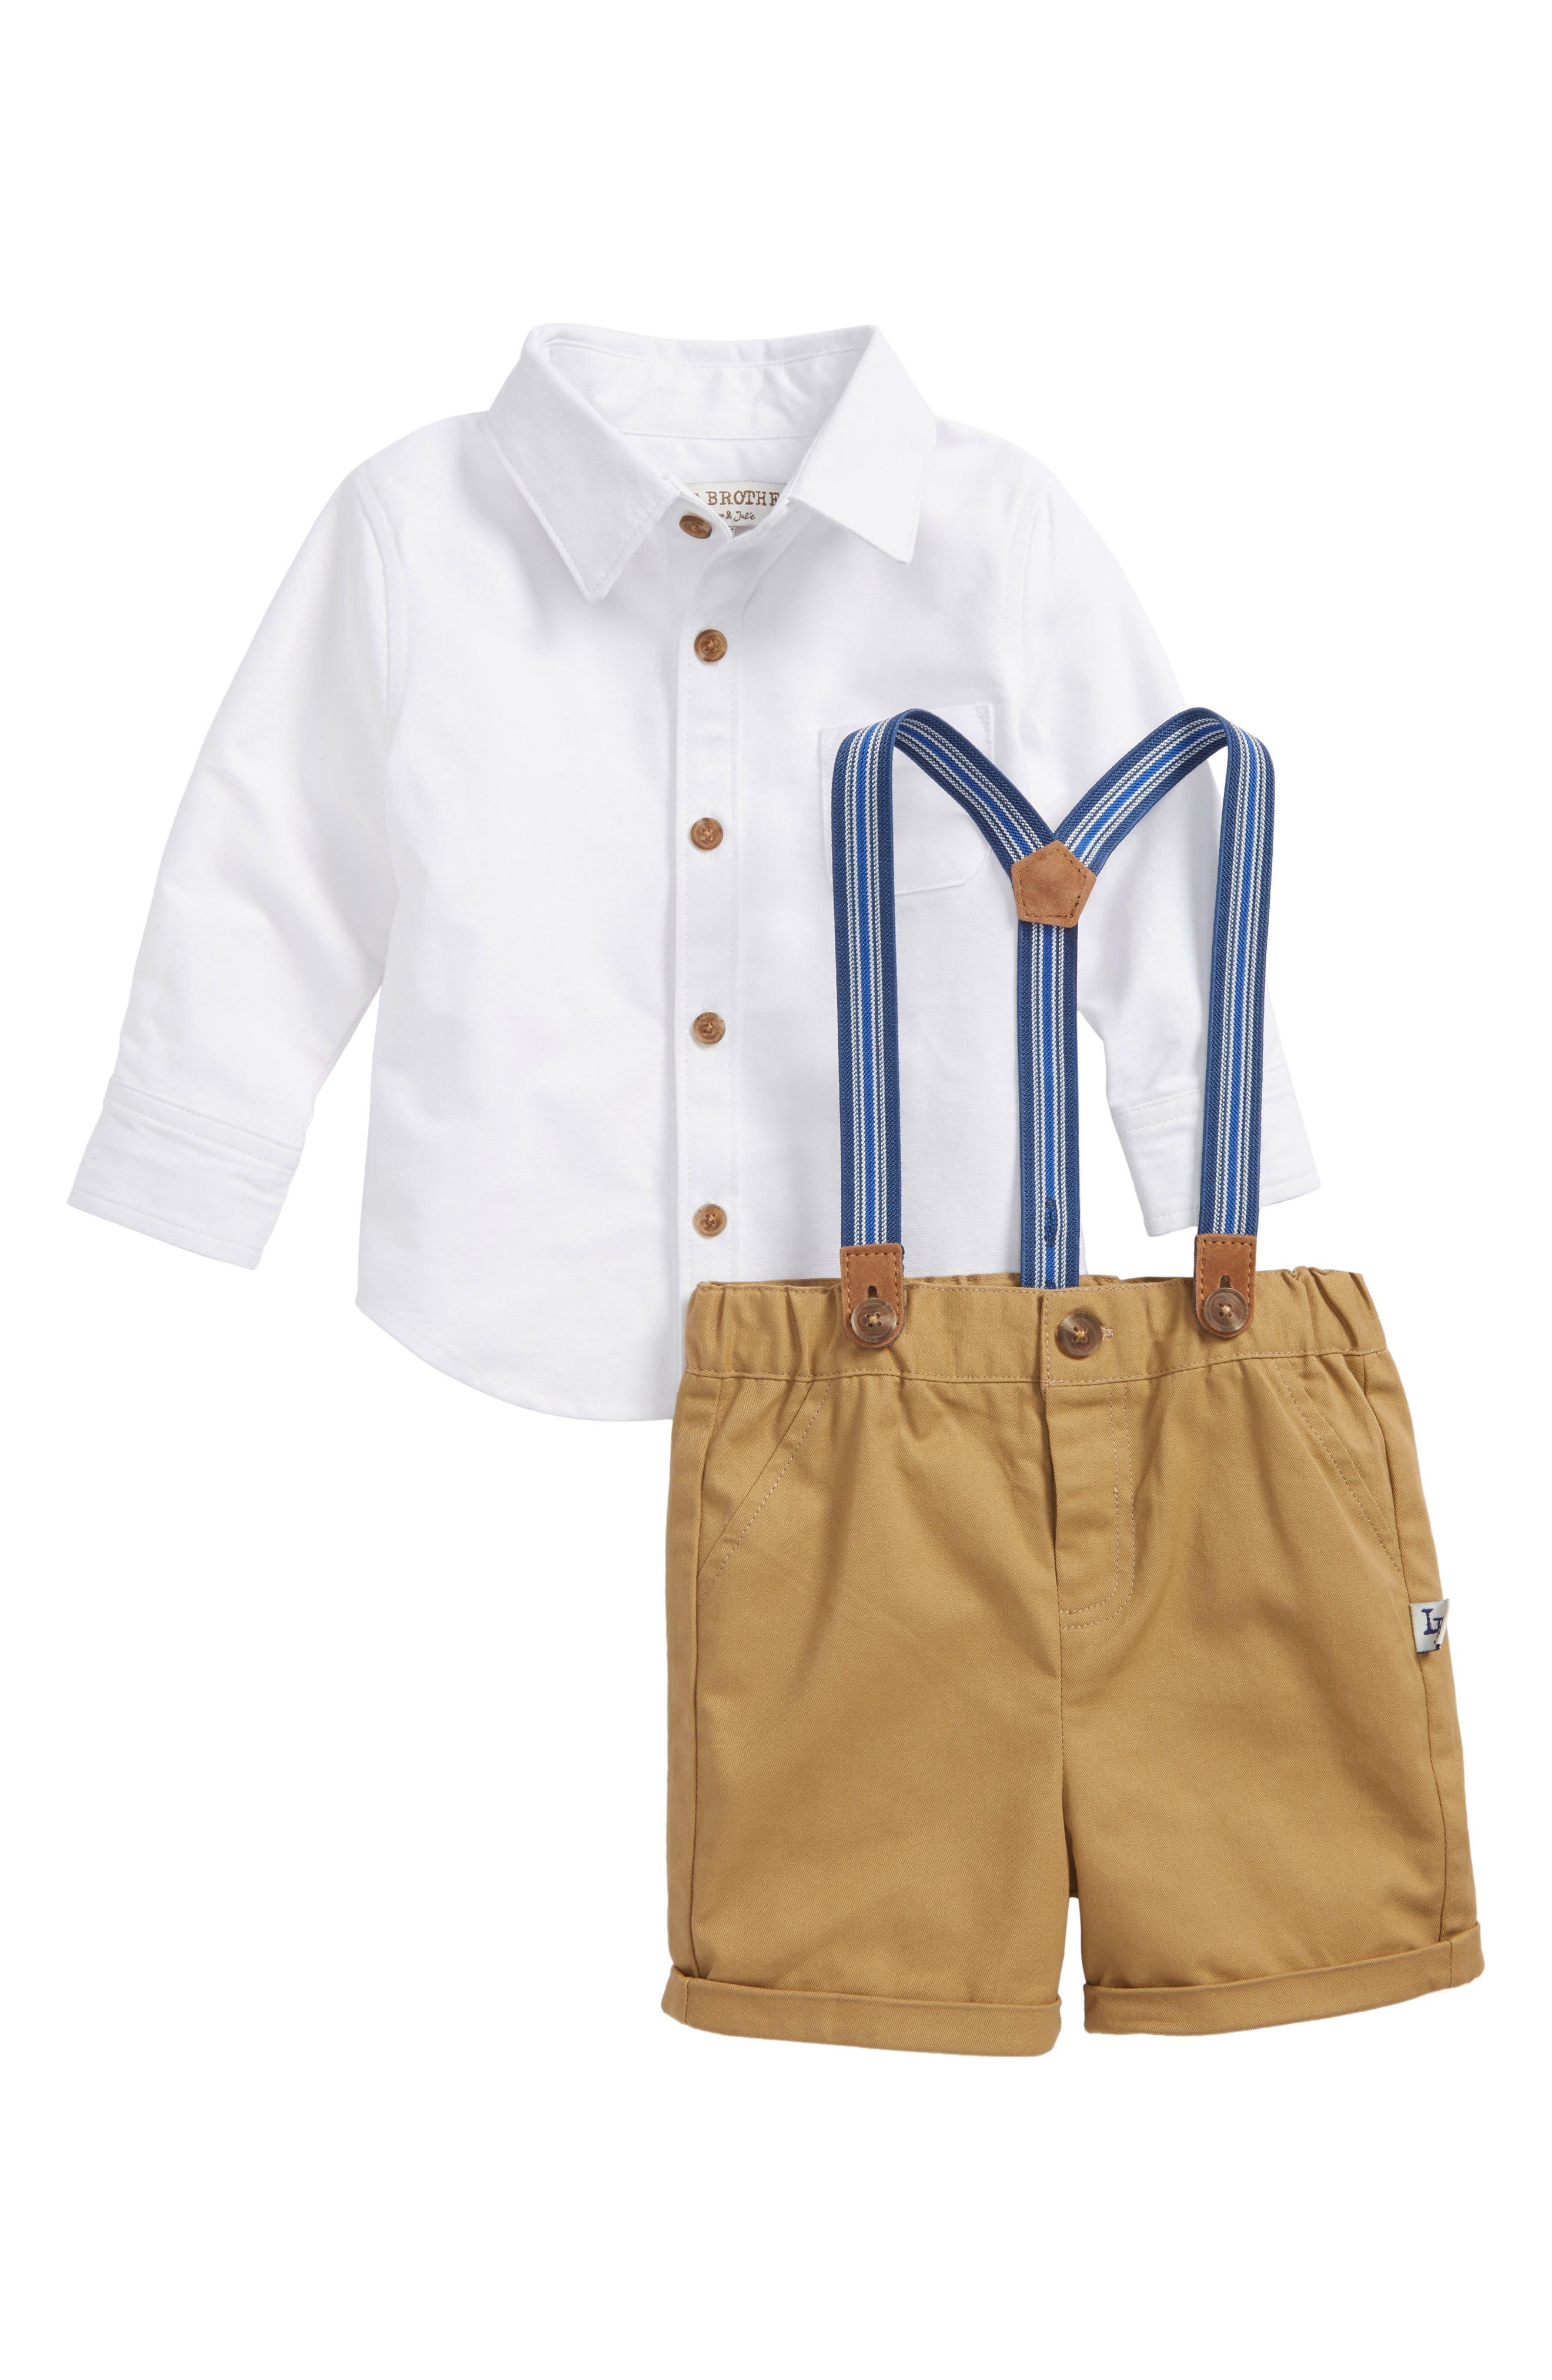 Shirt & Suspender Shorts Set,                             Main thumbnail 1, color,                             900